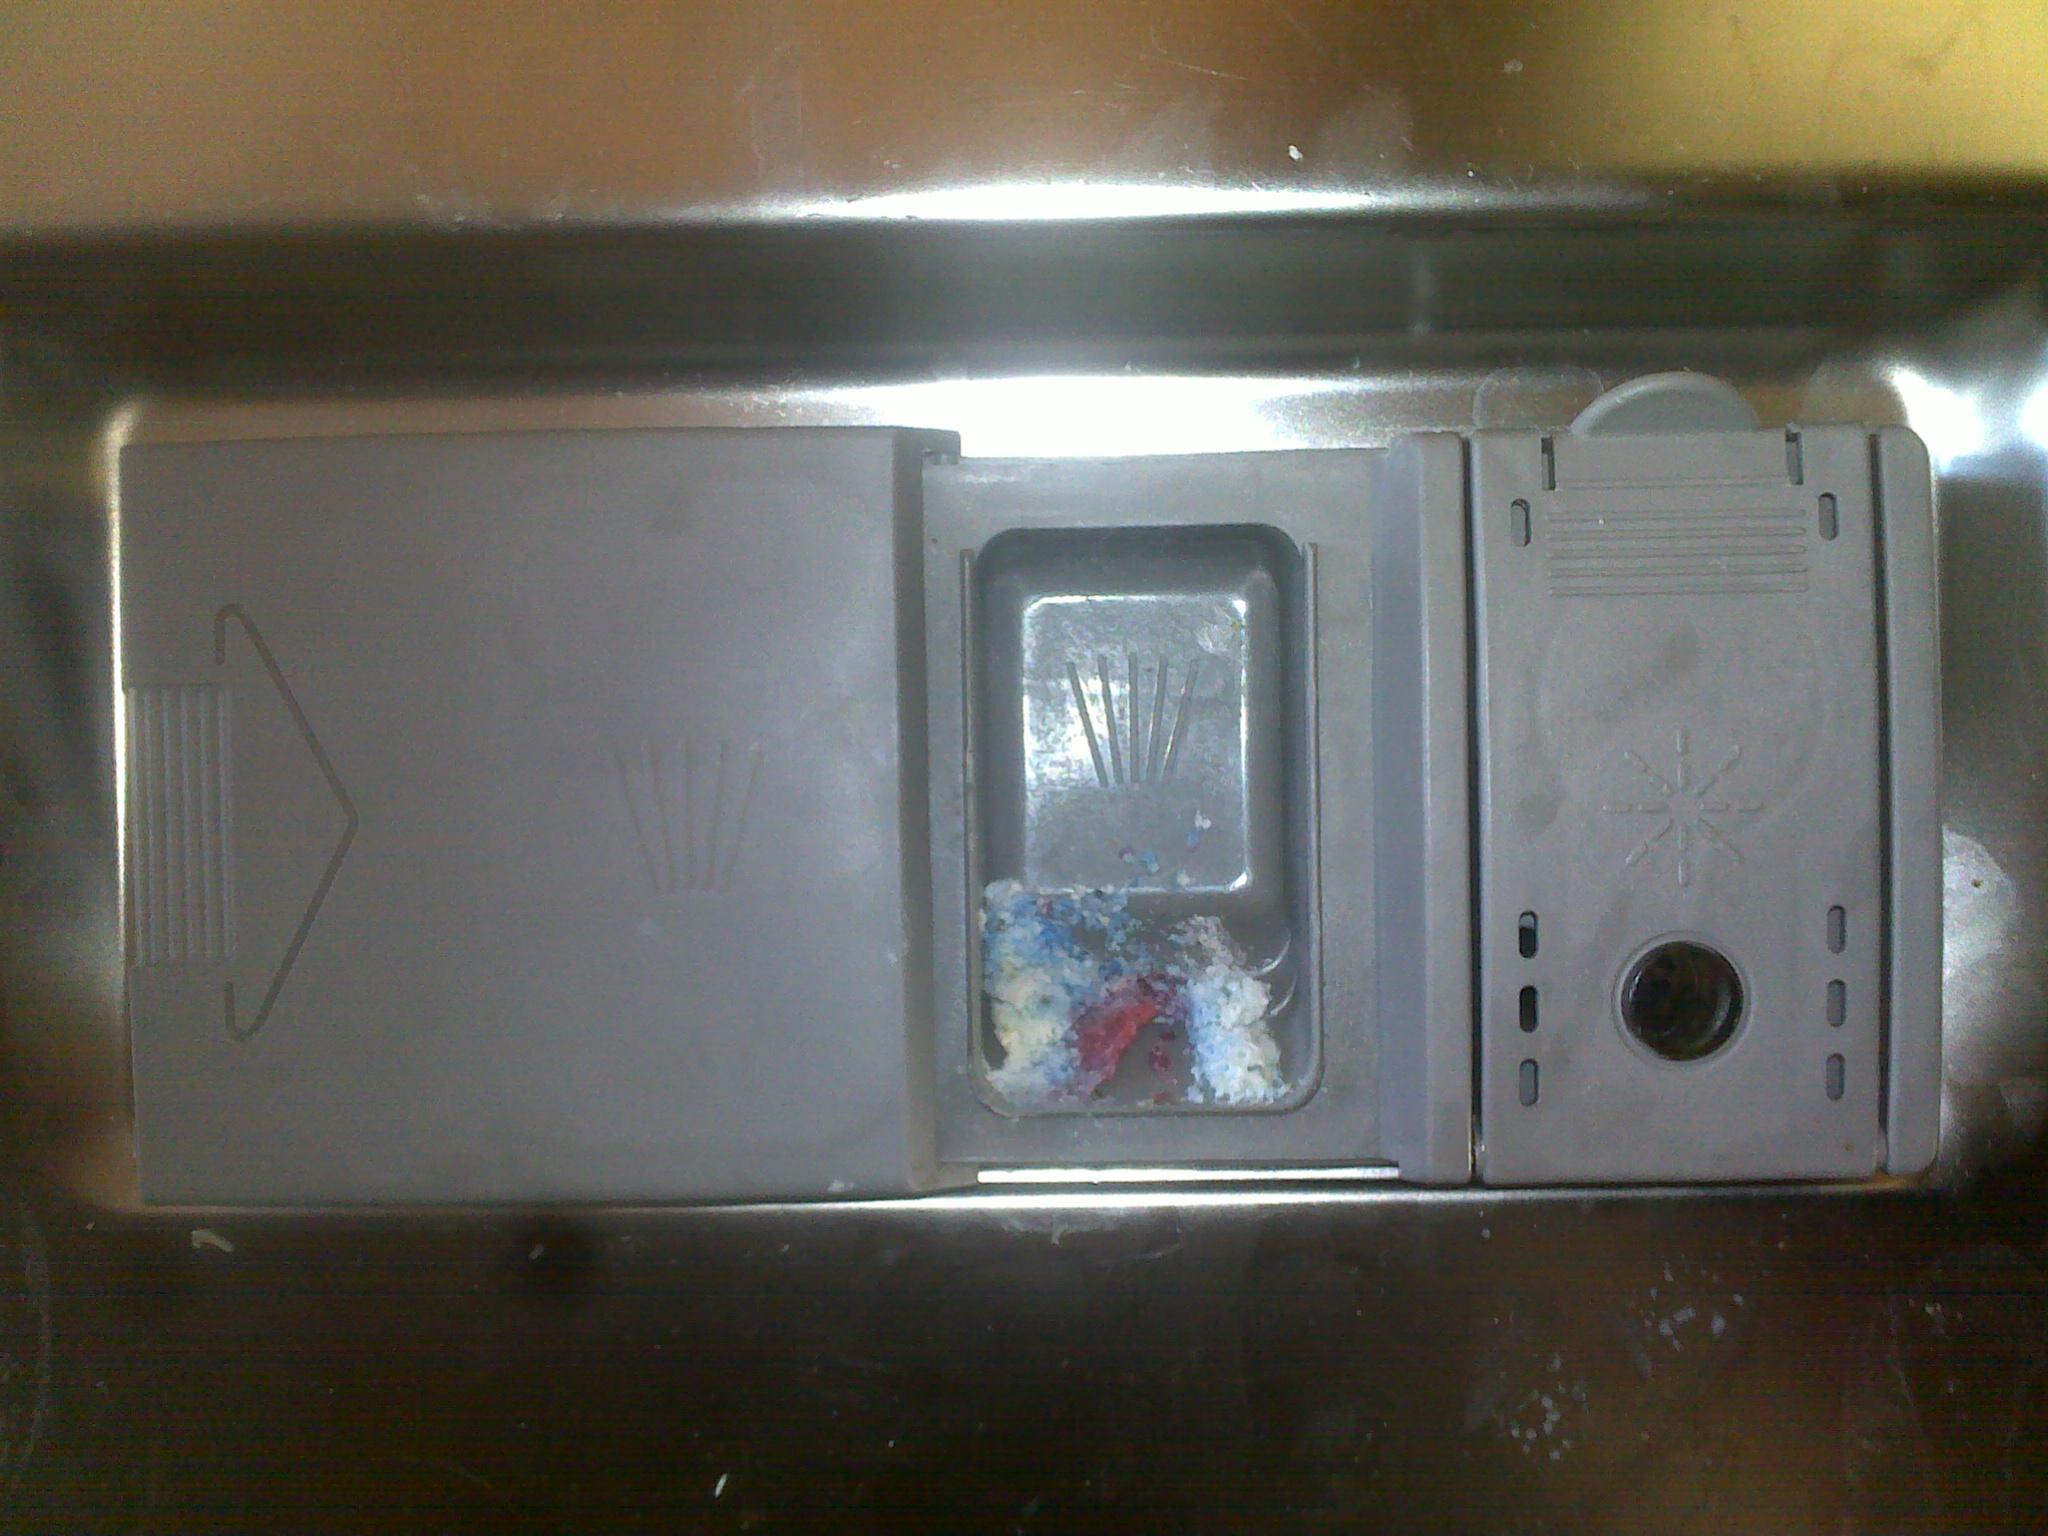 Zmywarka BOSCH SRS5612 nie domyka si� klapka dozownika